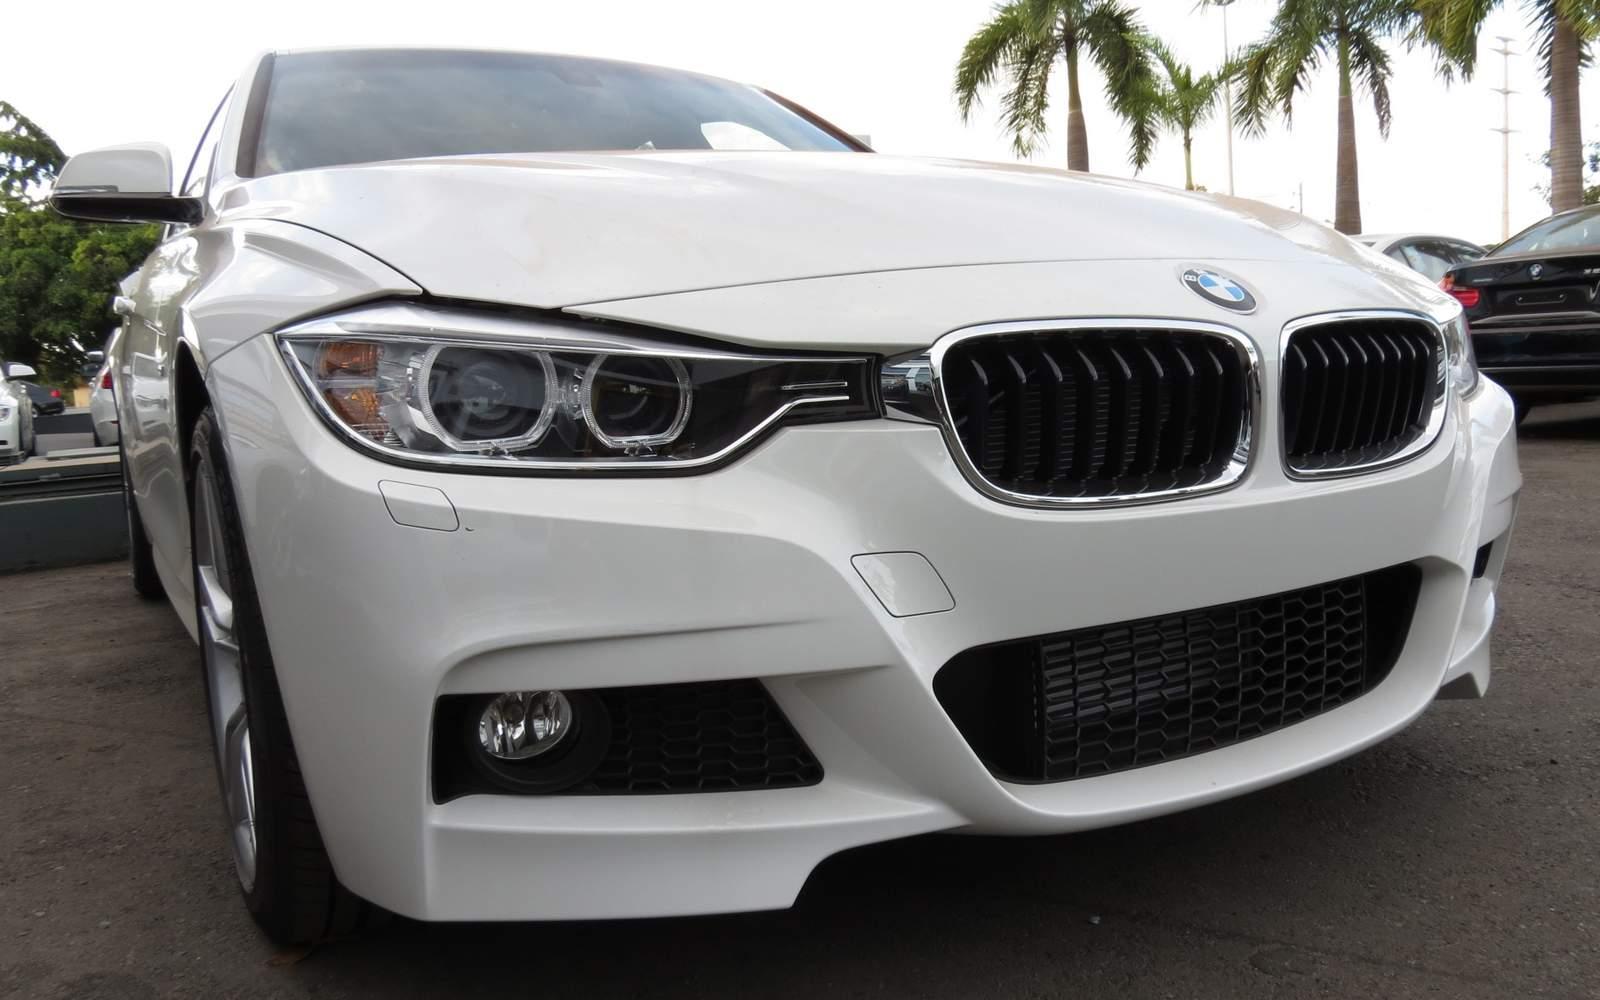 Novo BMW Série 3 2017 - aumento de preços